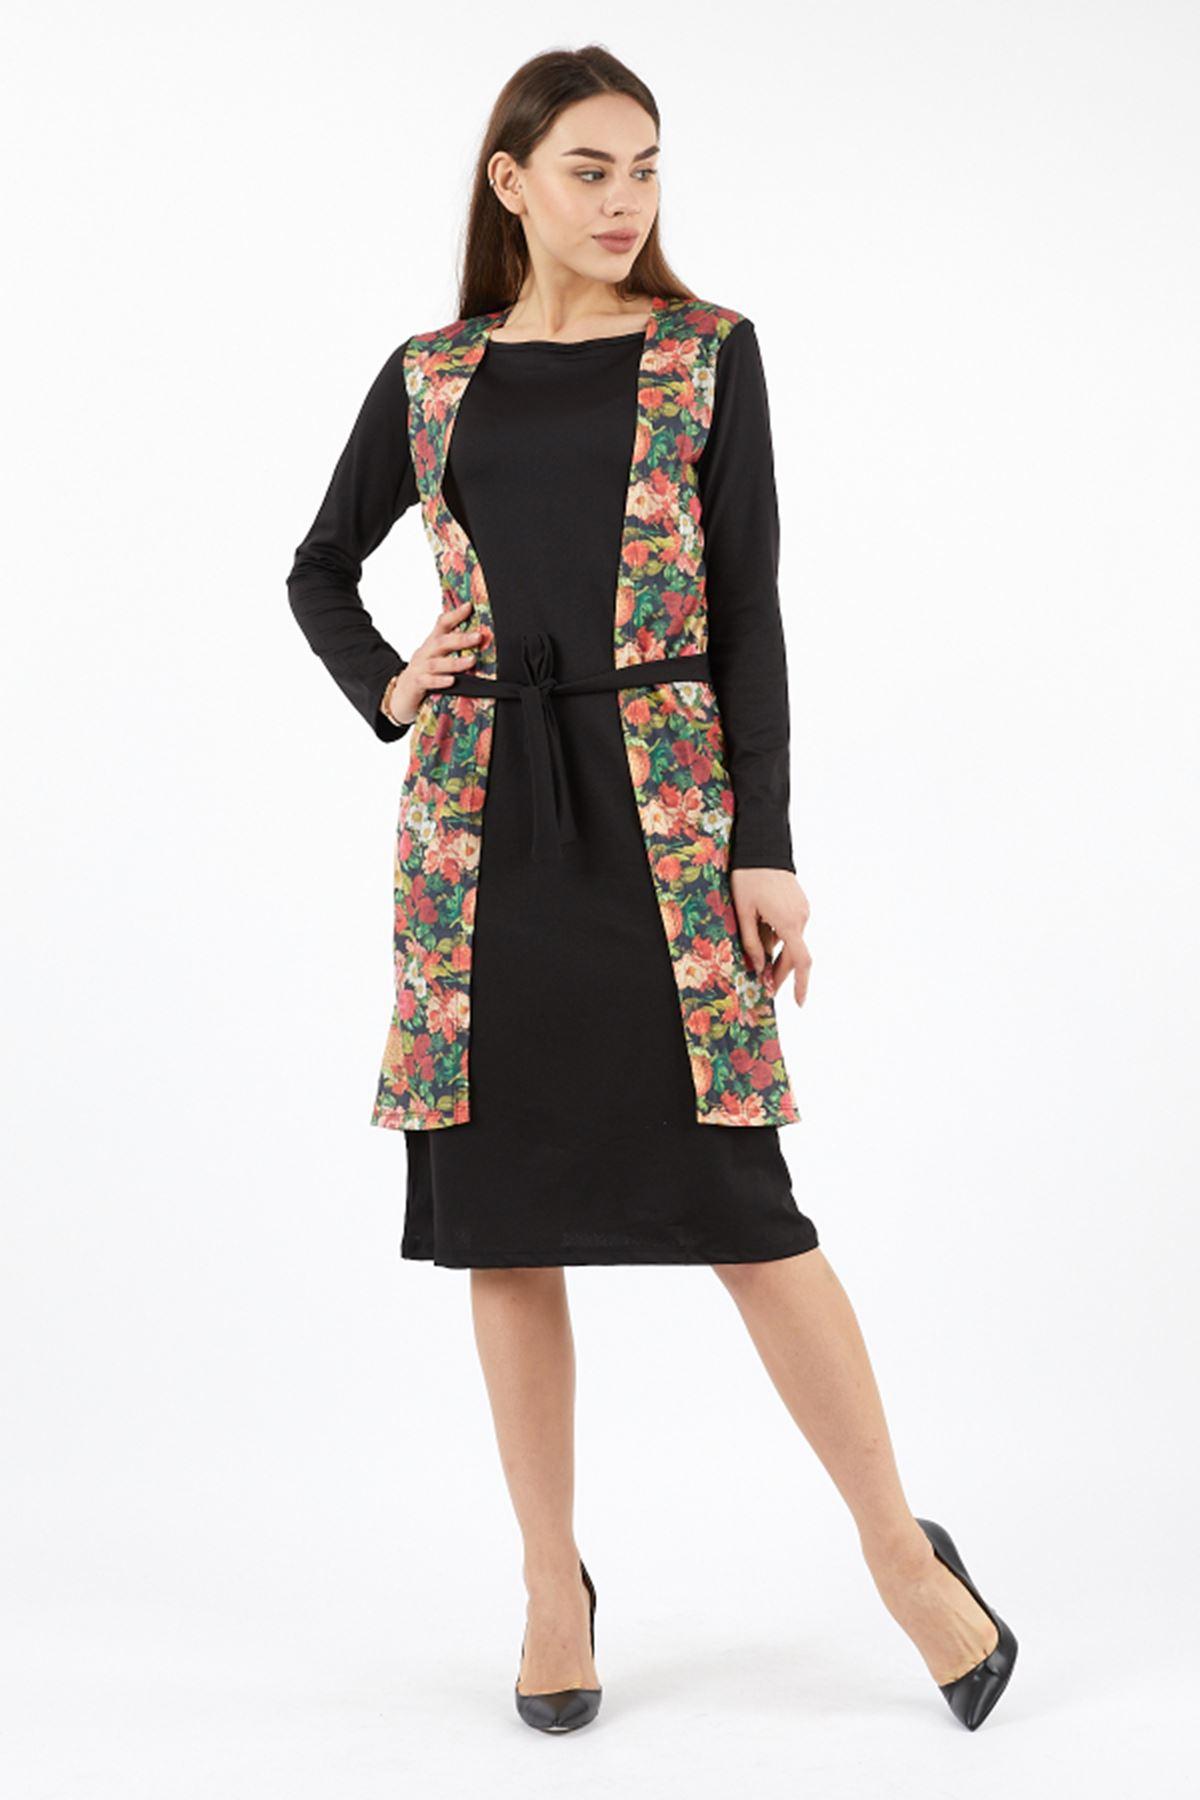 Kadın Yan kapamalı Çiçekli Elbise